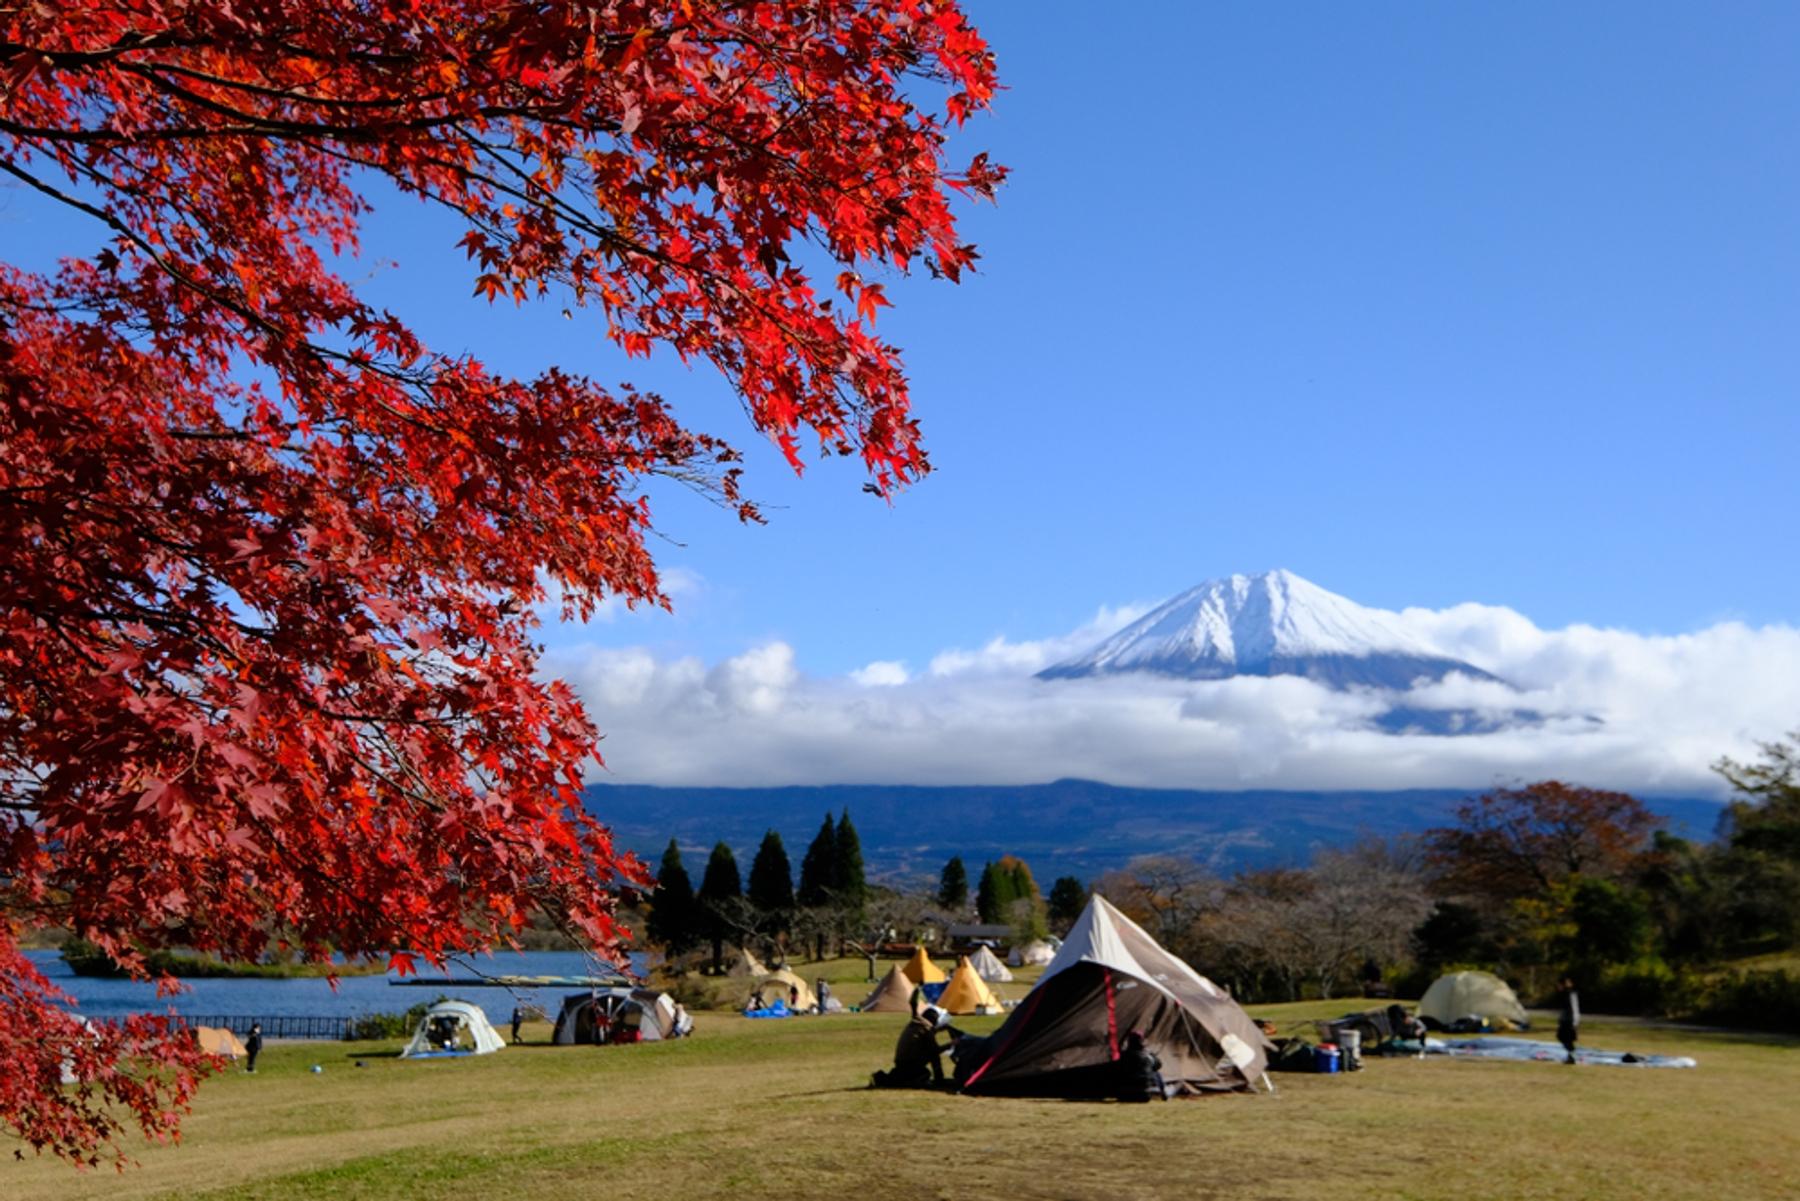 日本自2020年12月28日起至緊急事態宣言解除為止,原則禁止全世界新申請簽證之外國人入境日本,並停止申請「居留通道」(商務目的)入境。